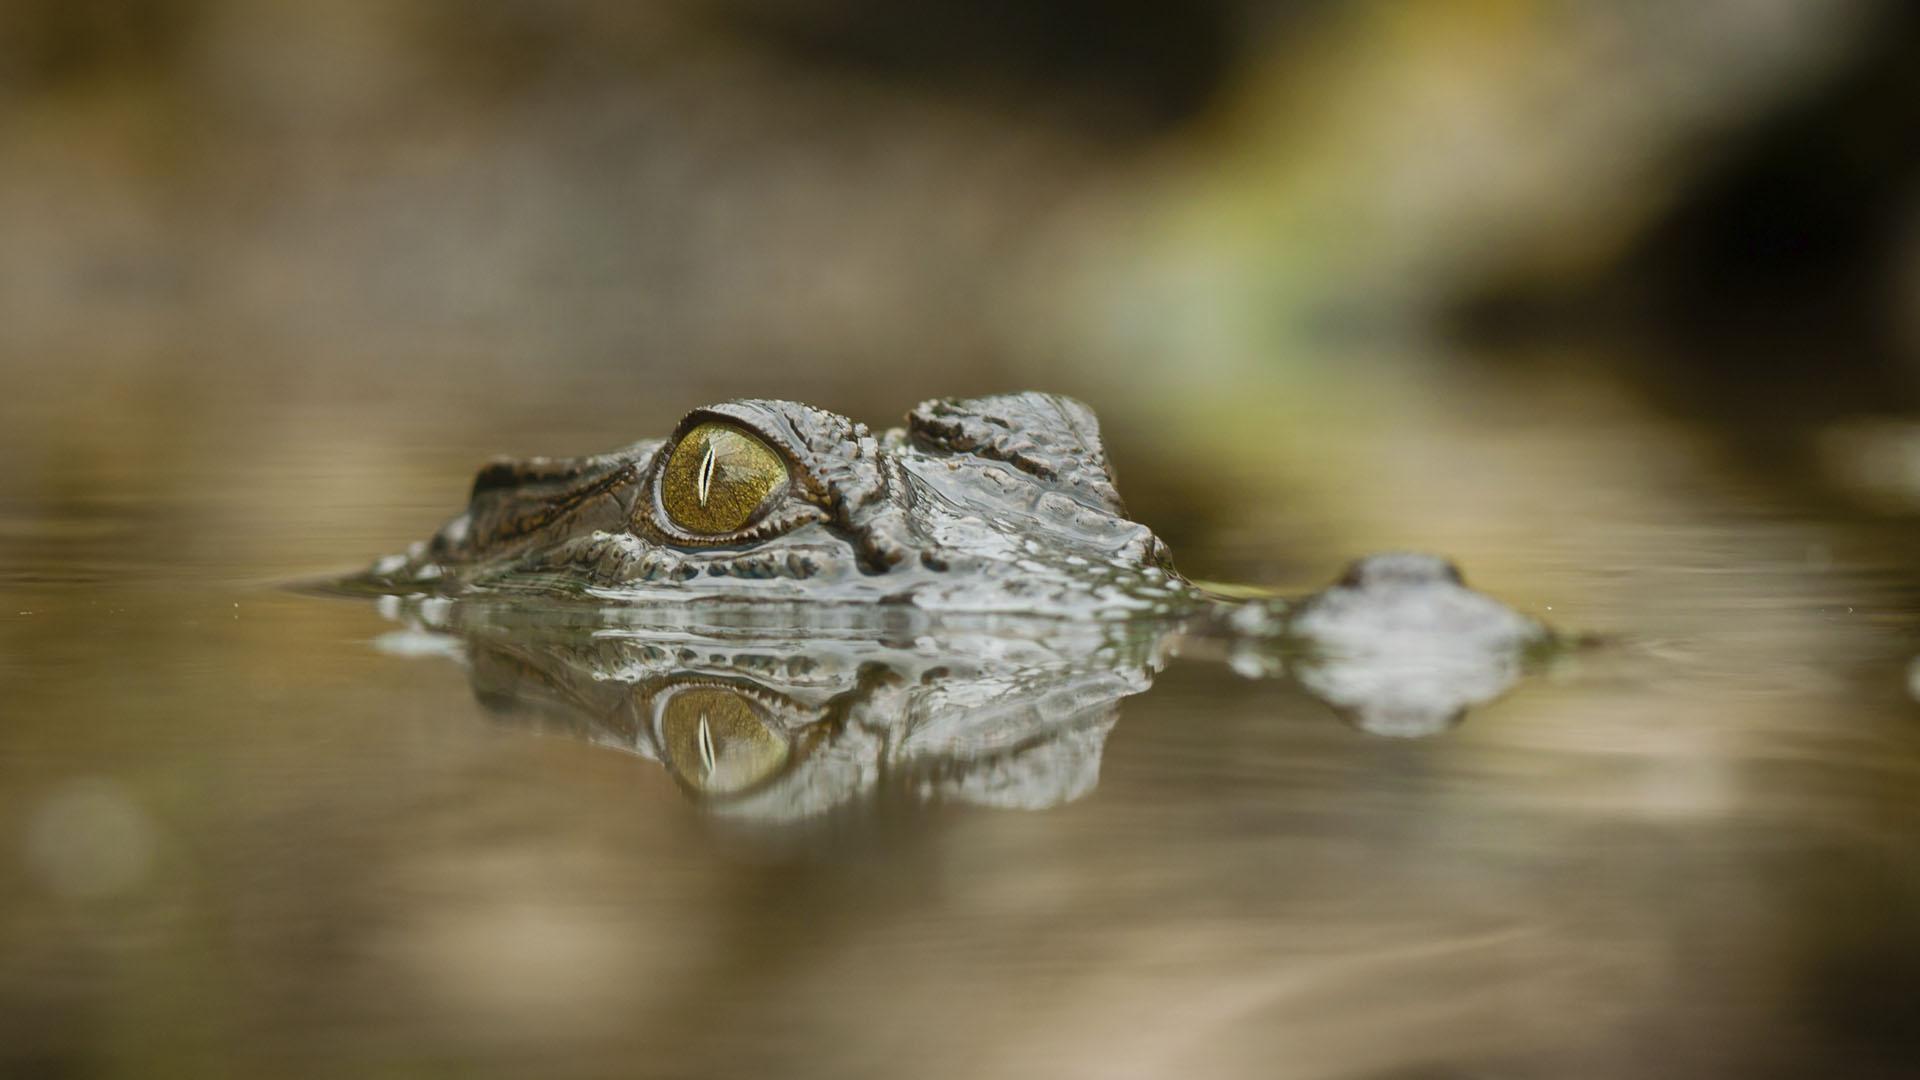 La Organización Nacional de Salvamento y Seguridad Marítima de los Espacios Acuáticos informó de la aparición de estos reptiles en playas de Higuerote, Río Chico y Carenero